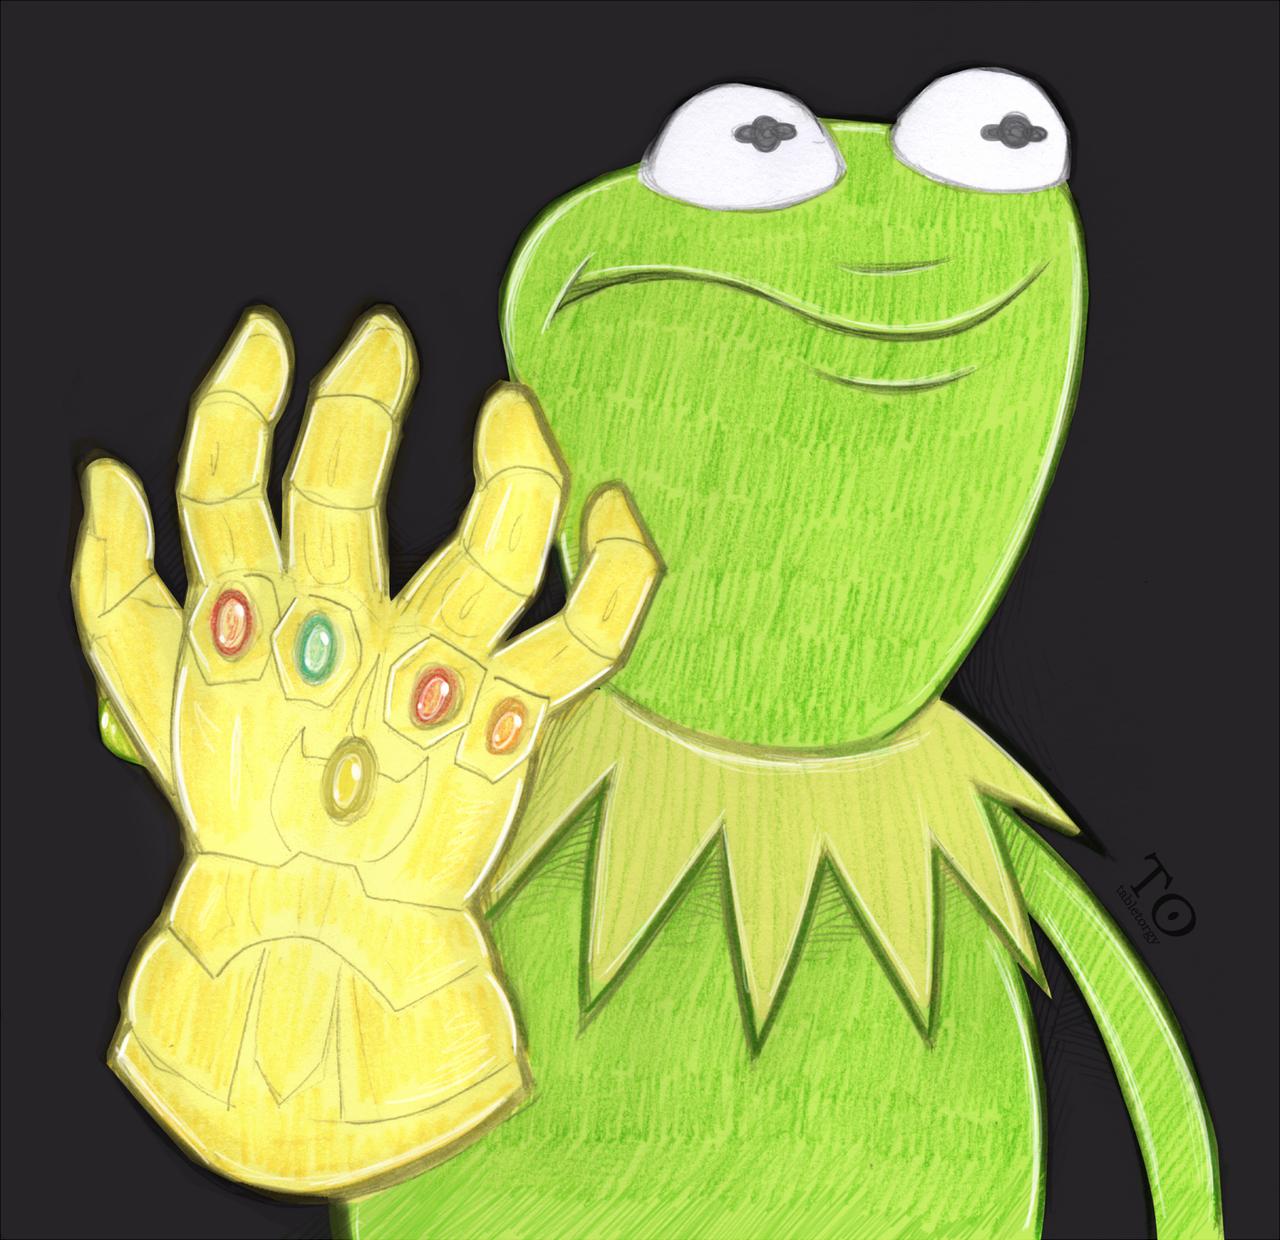 Muppets - Wikipedia